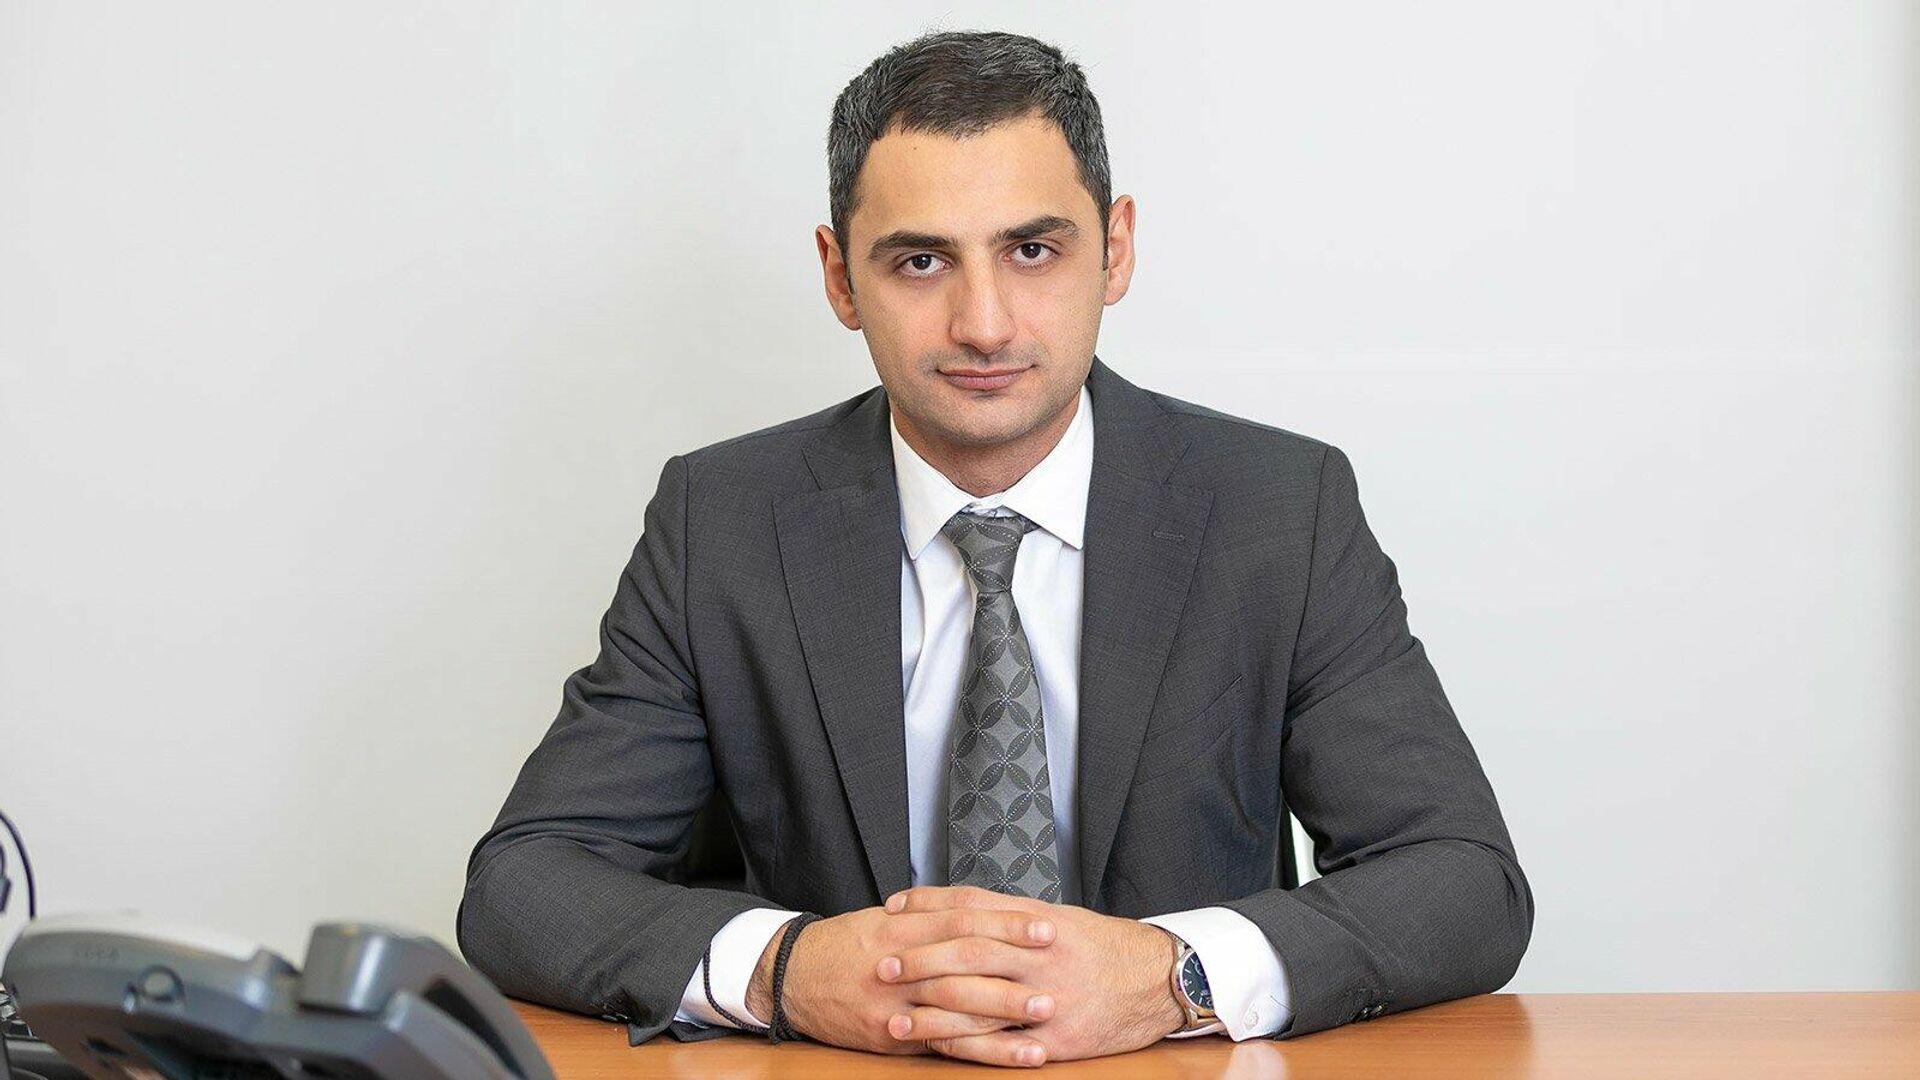 Гендиректор МСП: МСБ важны качественные нефинансовые сервисы